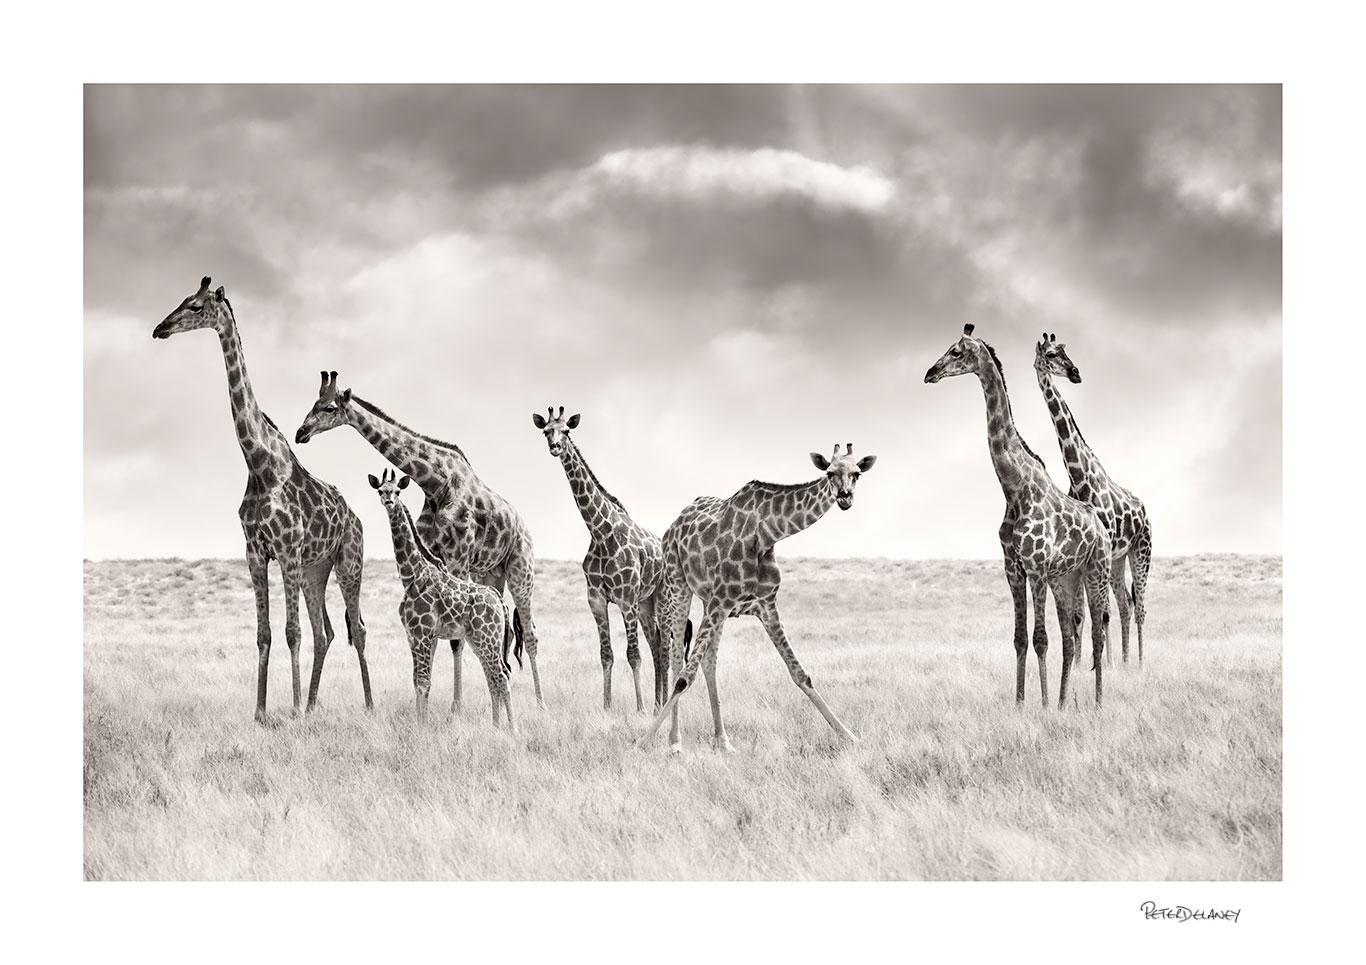 Tower-of-Giraffes